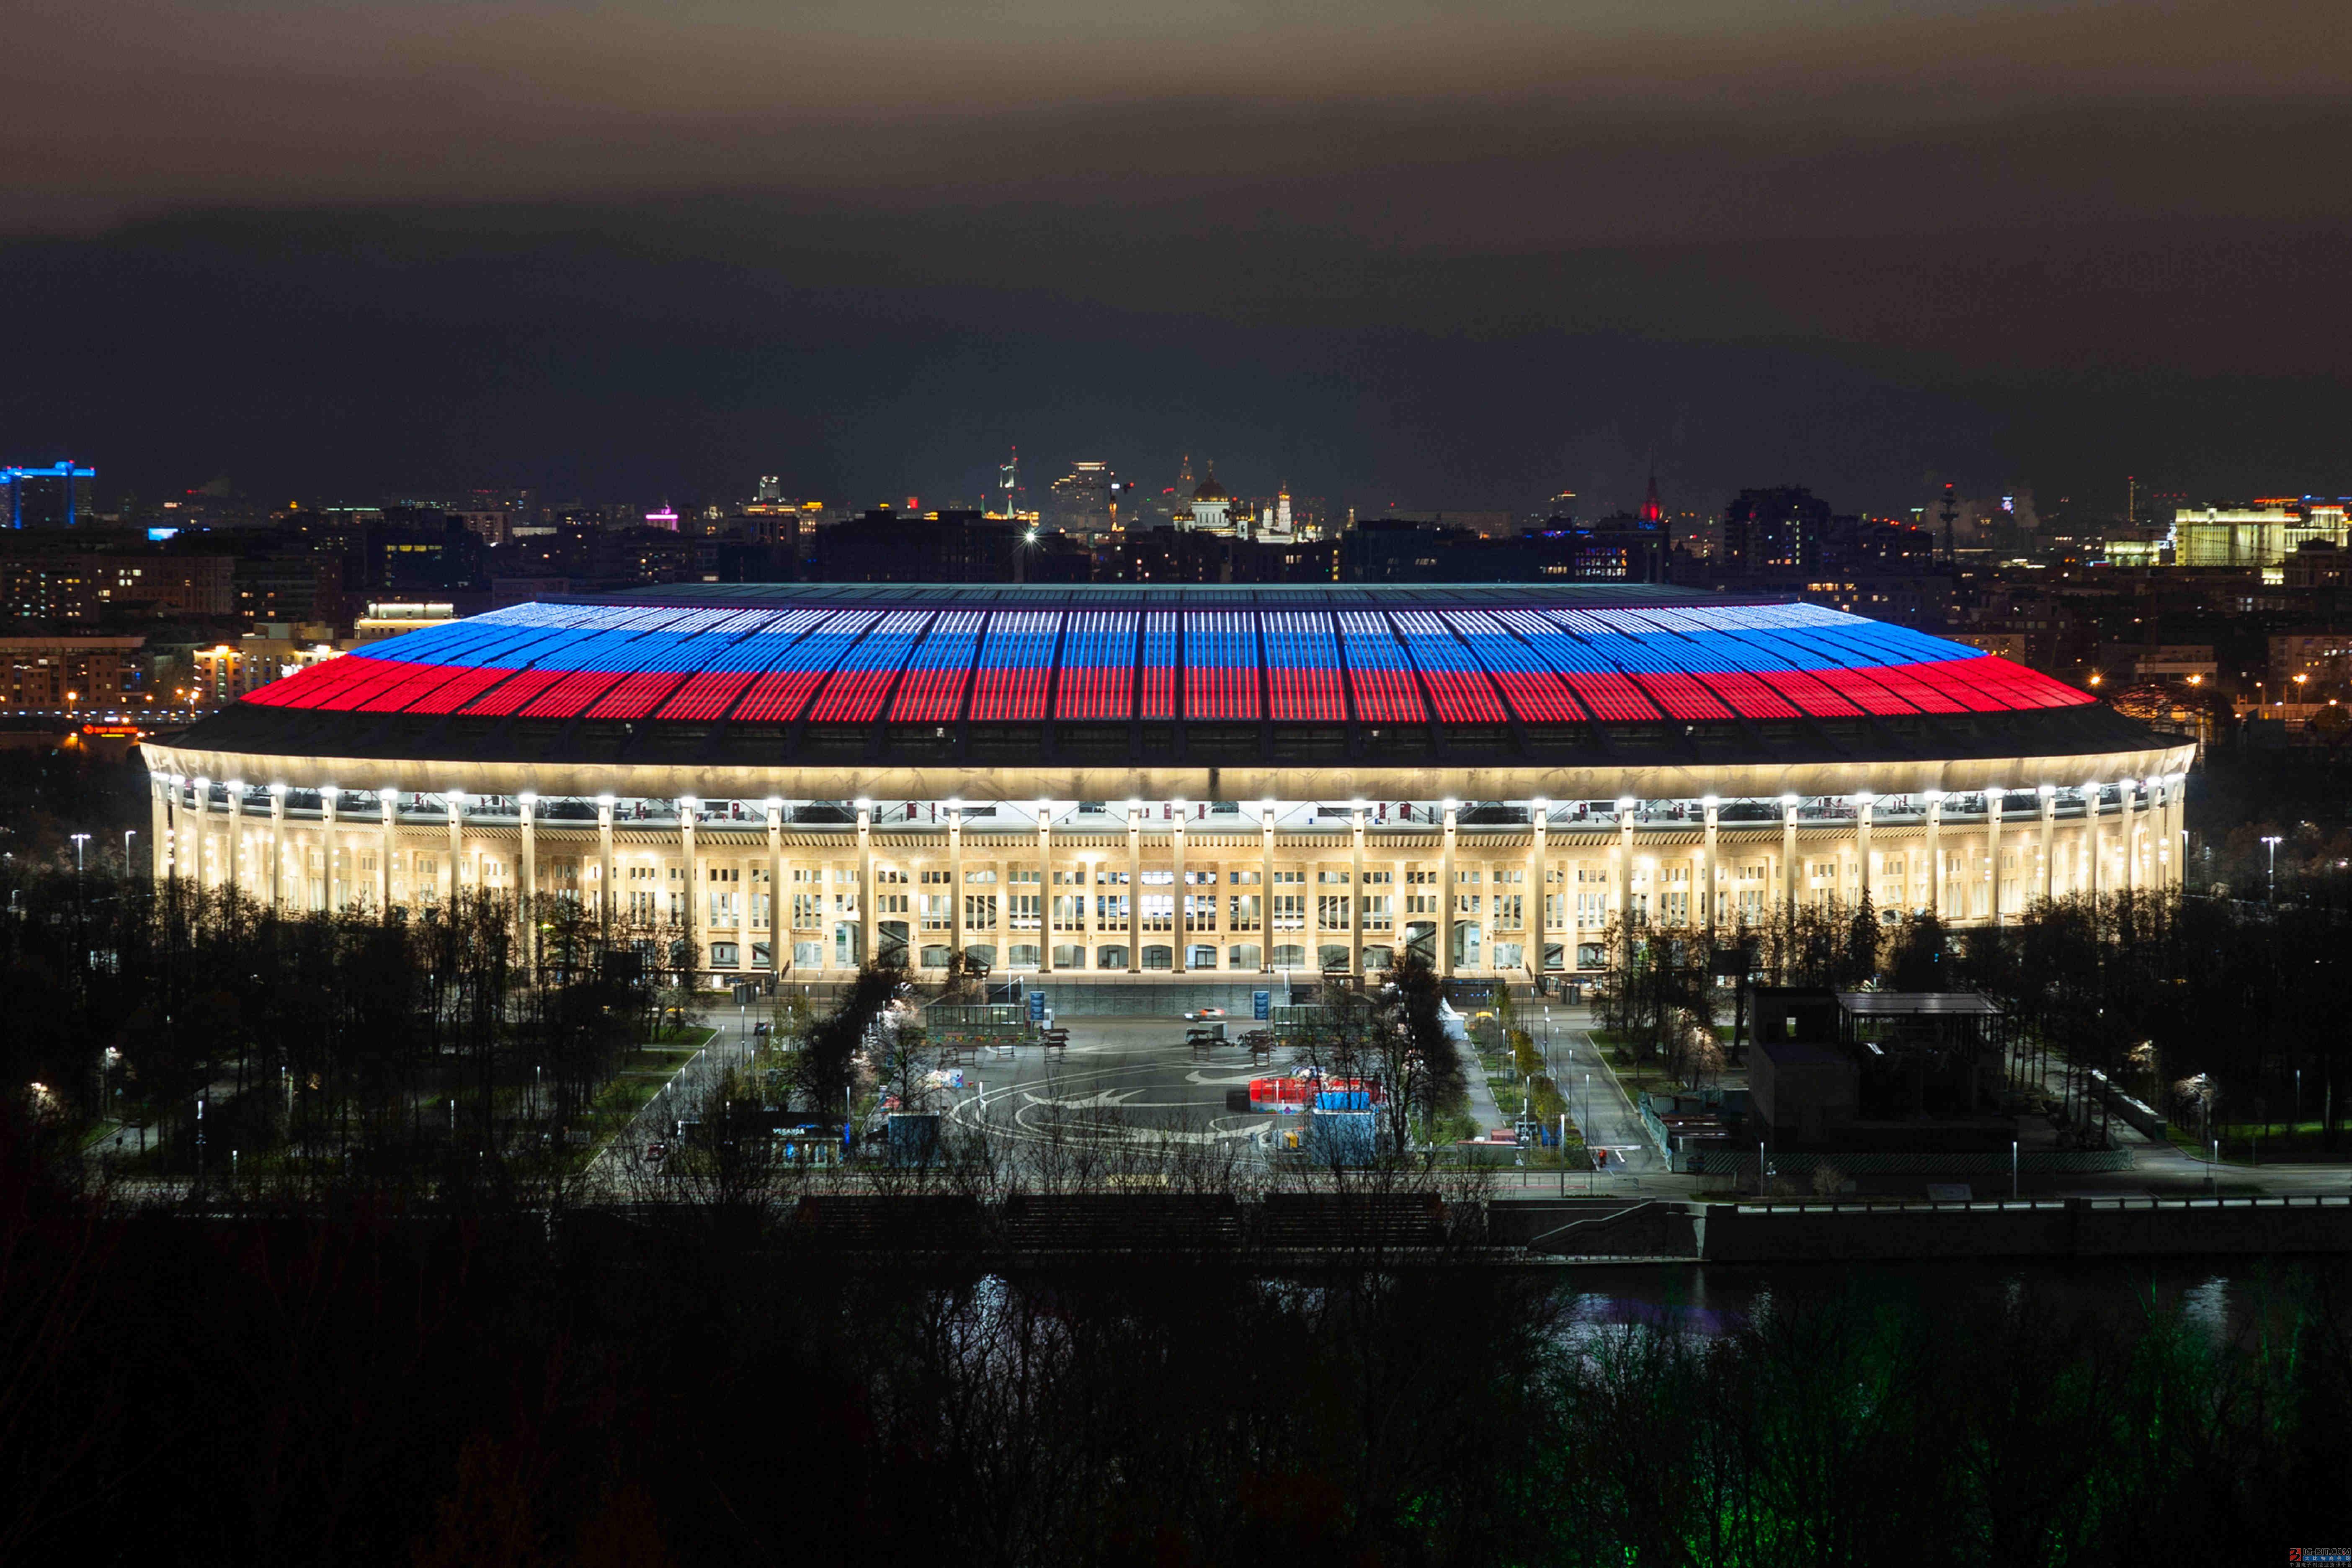 昕诺飞点亮10座俄罗斯运动场馆